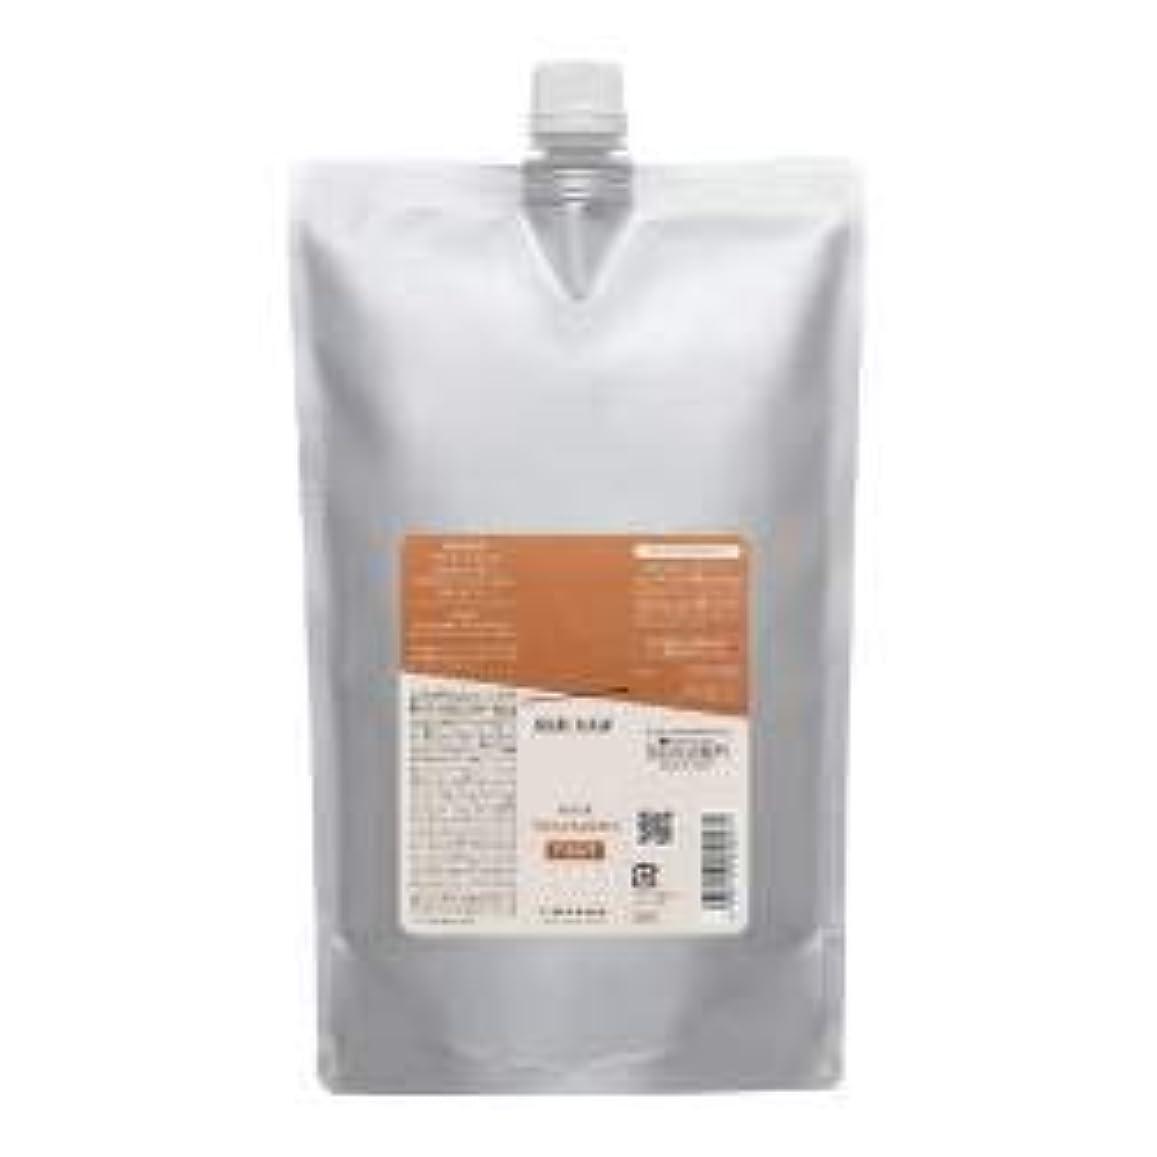 禁じる柔らかい引き付けるシーソー ヘアトリートメントT(タイト)<つめかえ用>(800ml)